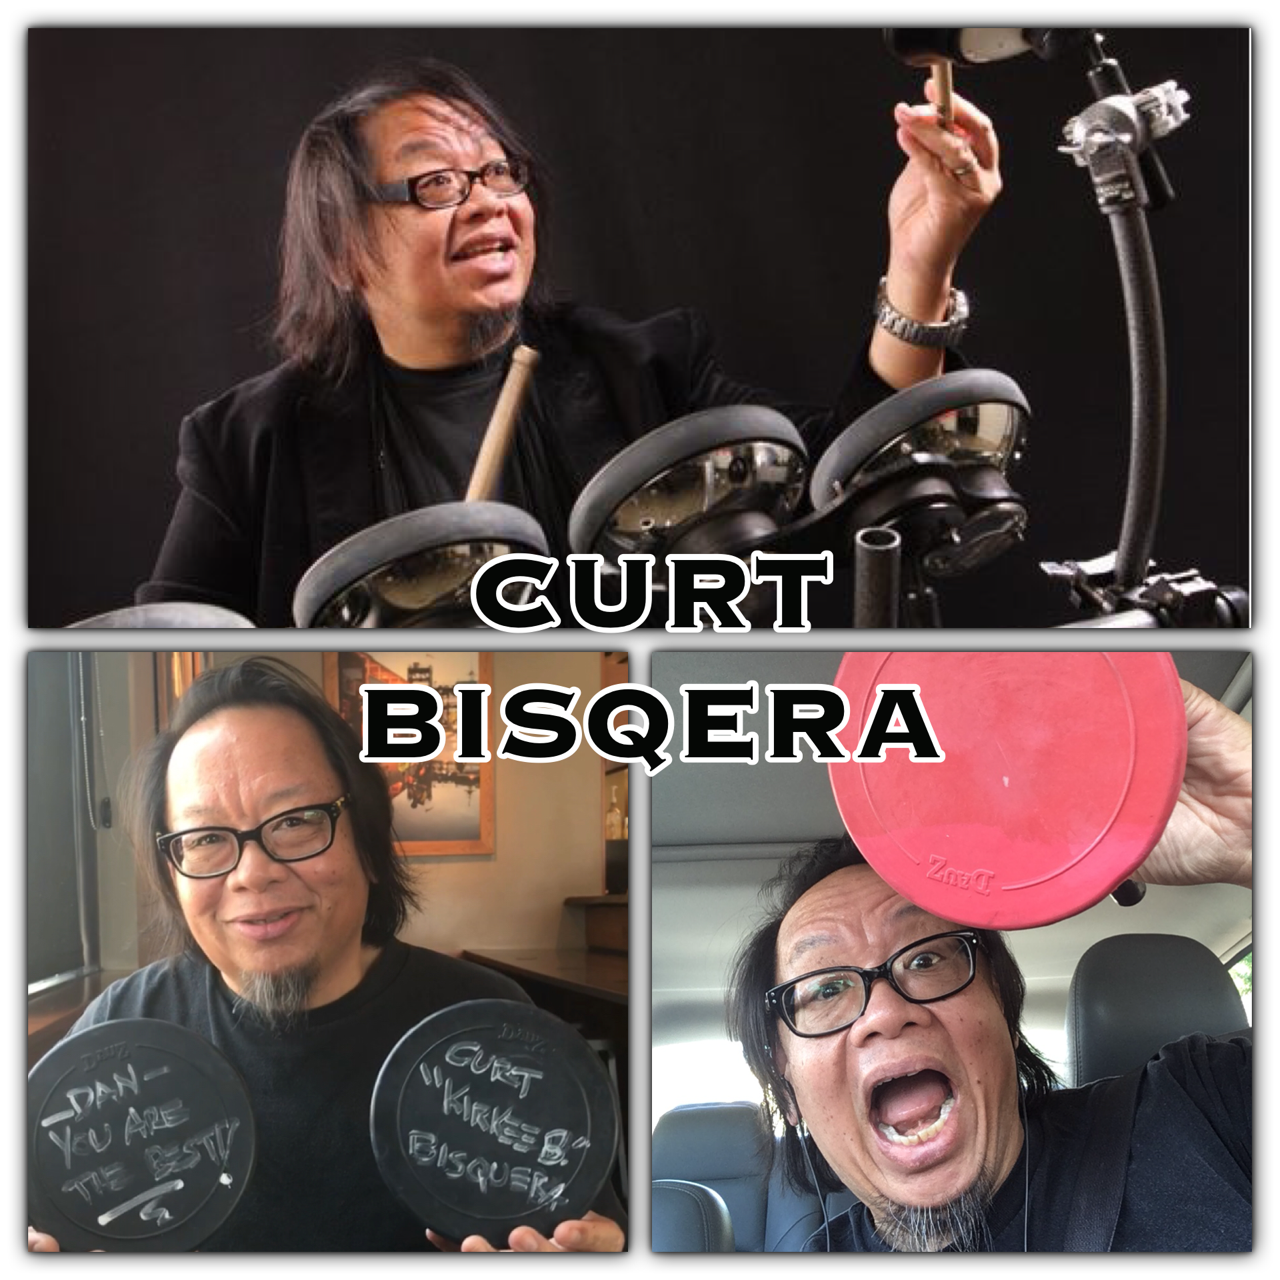 CURT BISQUERA